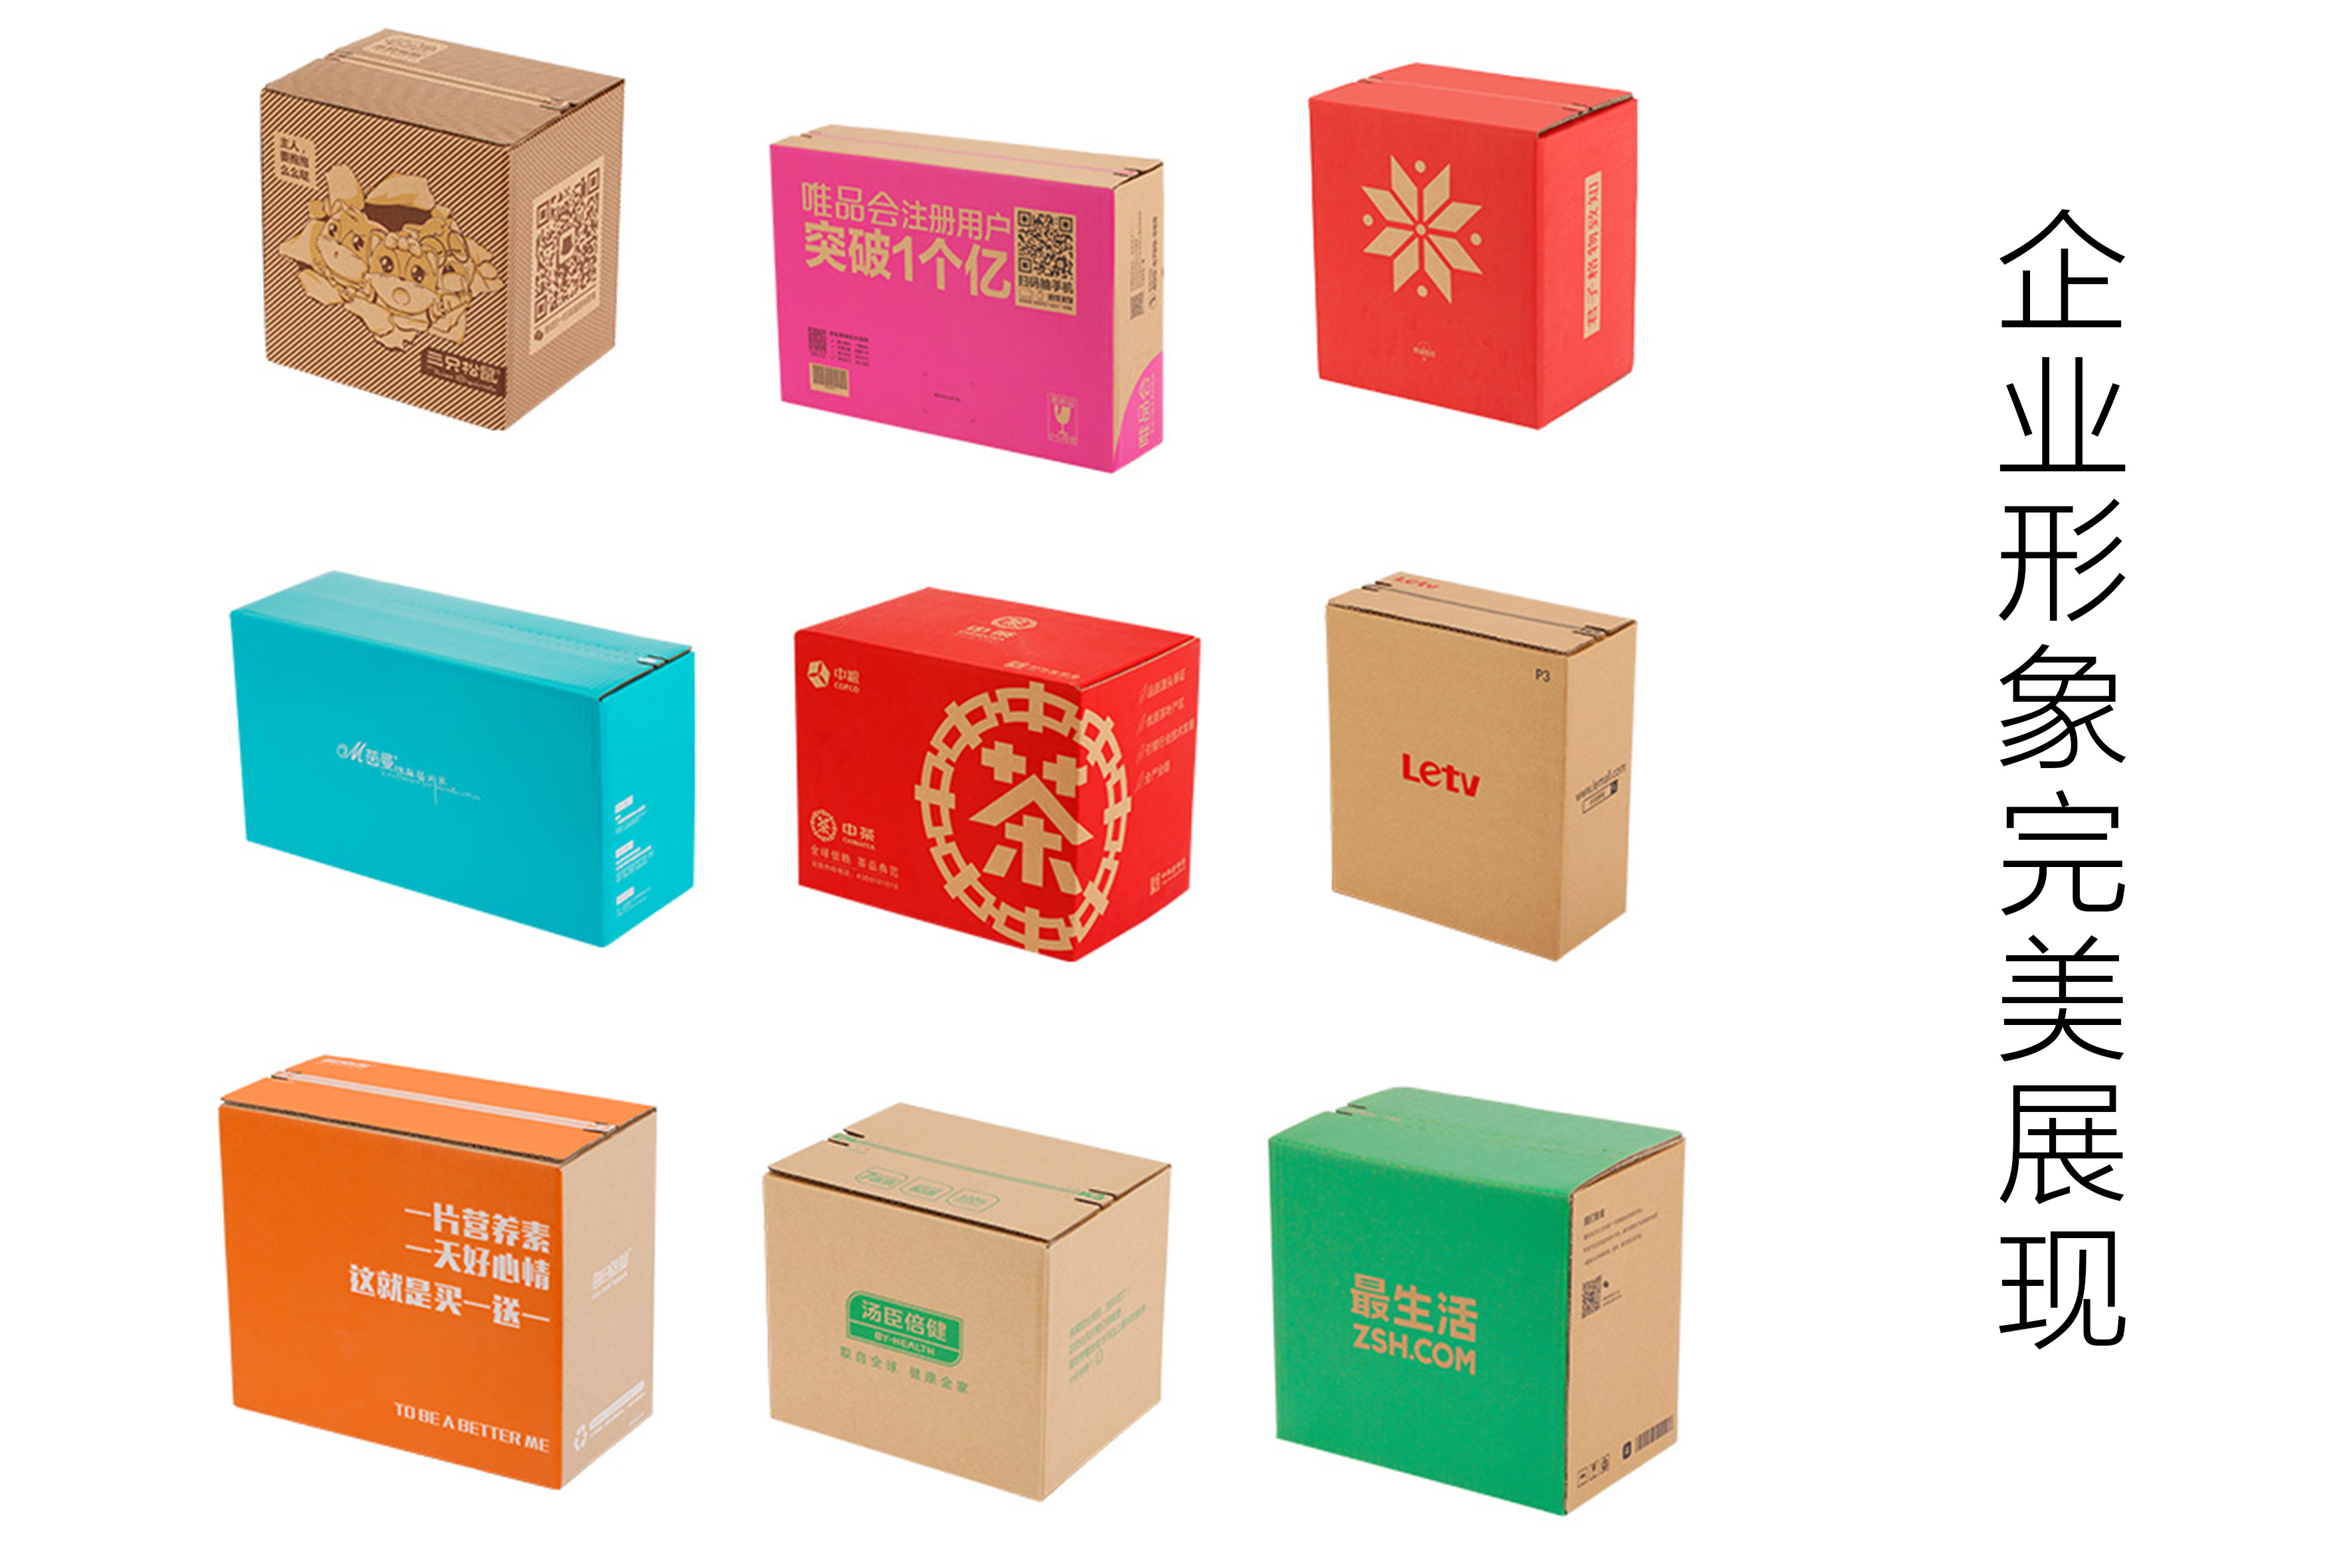 为了这一只小小的纸箱,一撕得在生产设计,粘胶,机器设备等方面获得